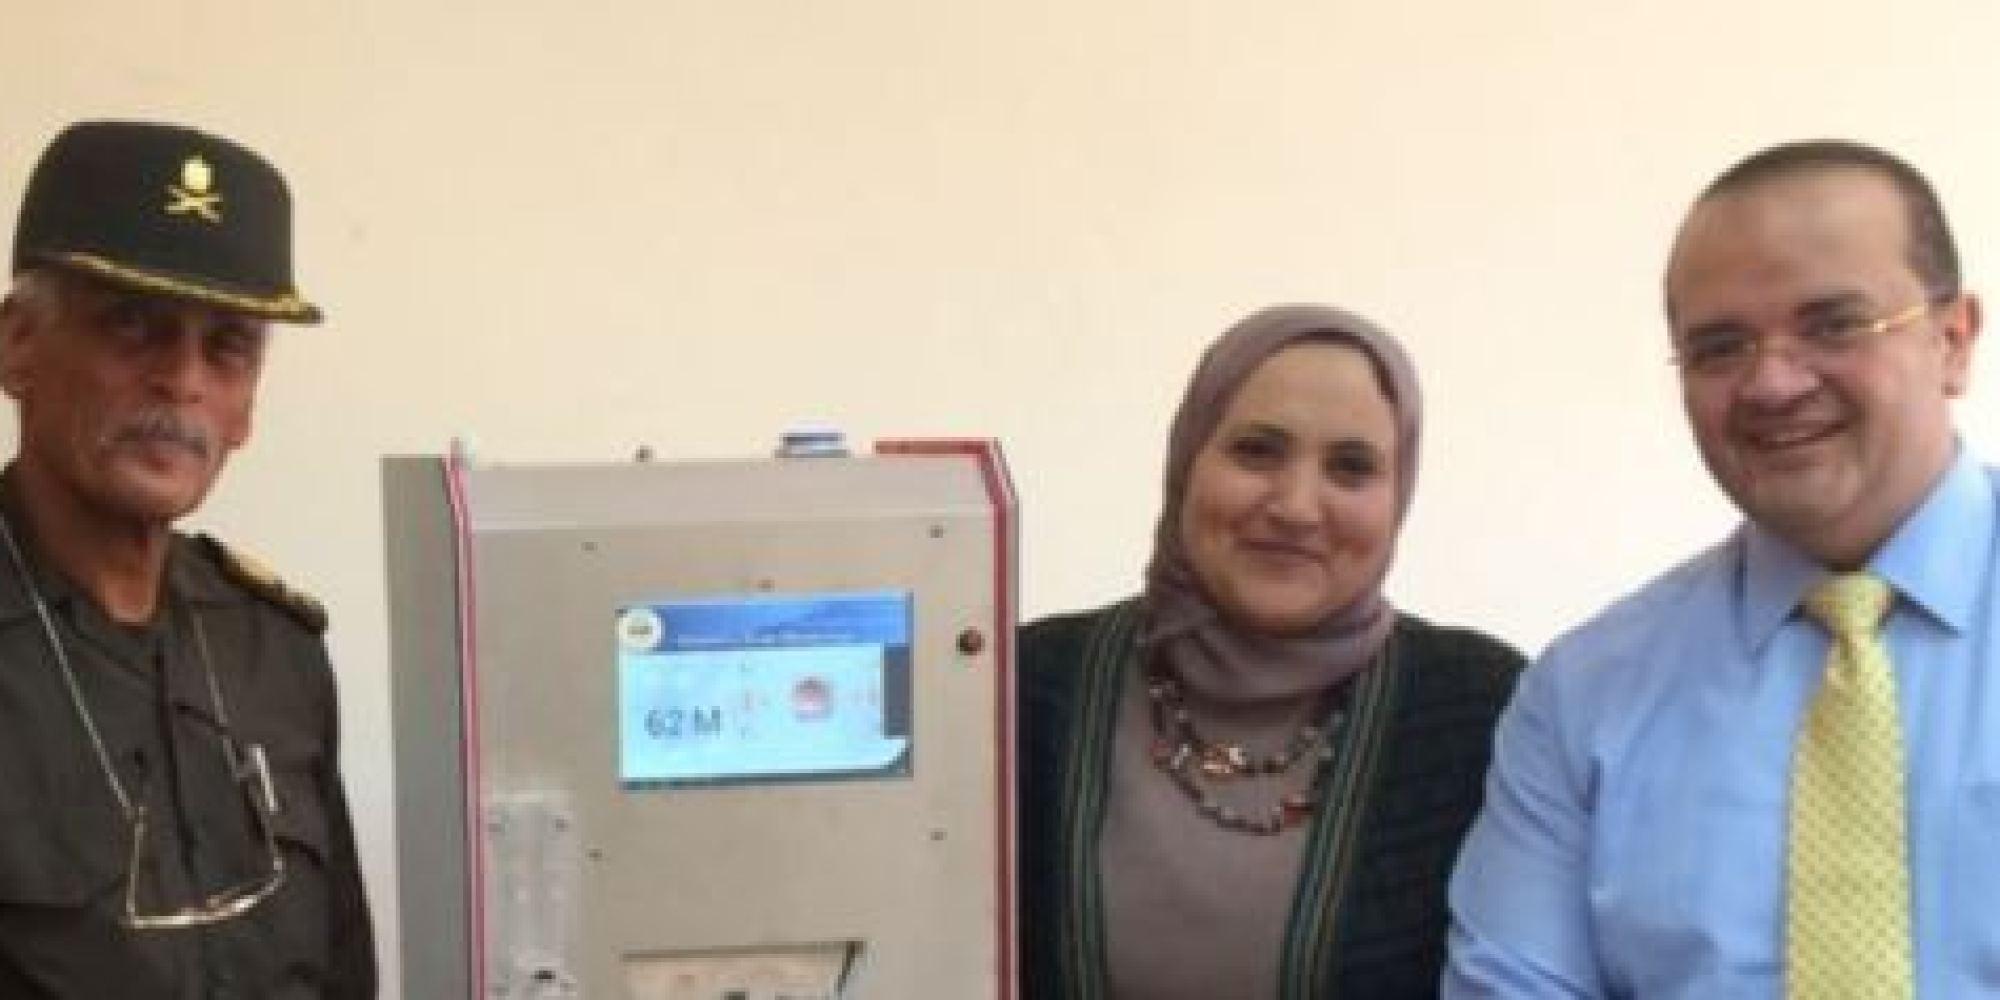 بعد إيقاف النقابة 3 أطباء عن العمل لترويجهم  لـ جهاز الكفتة .. هذا مصير مخترع الجهاز المصري!